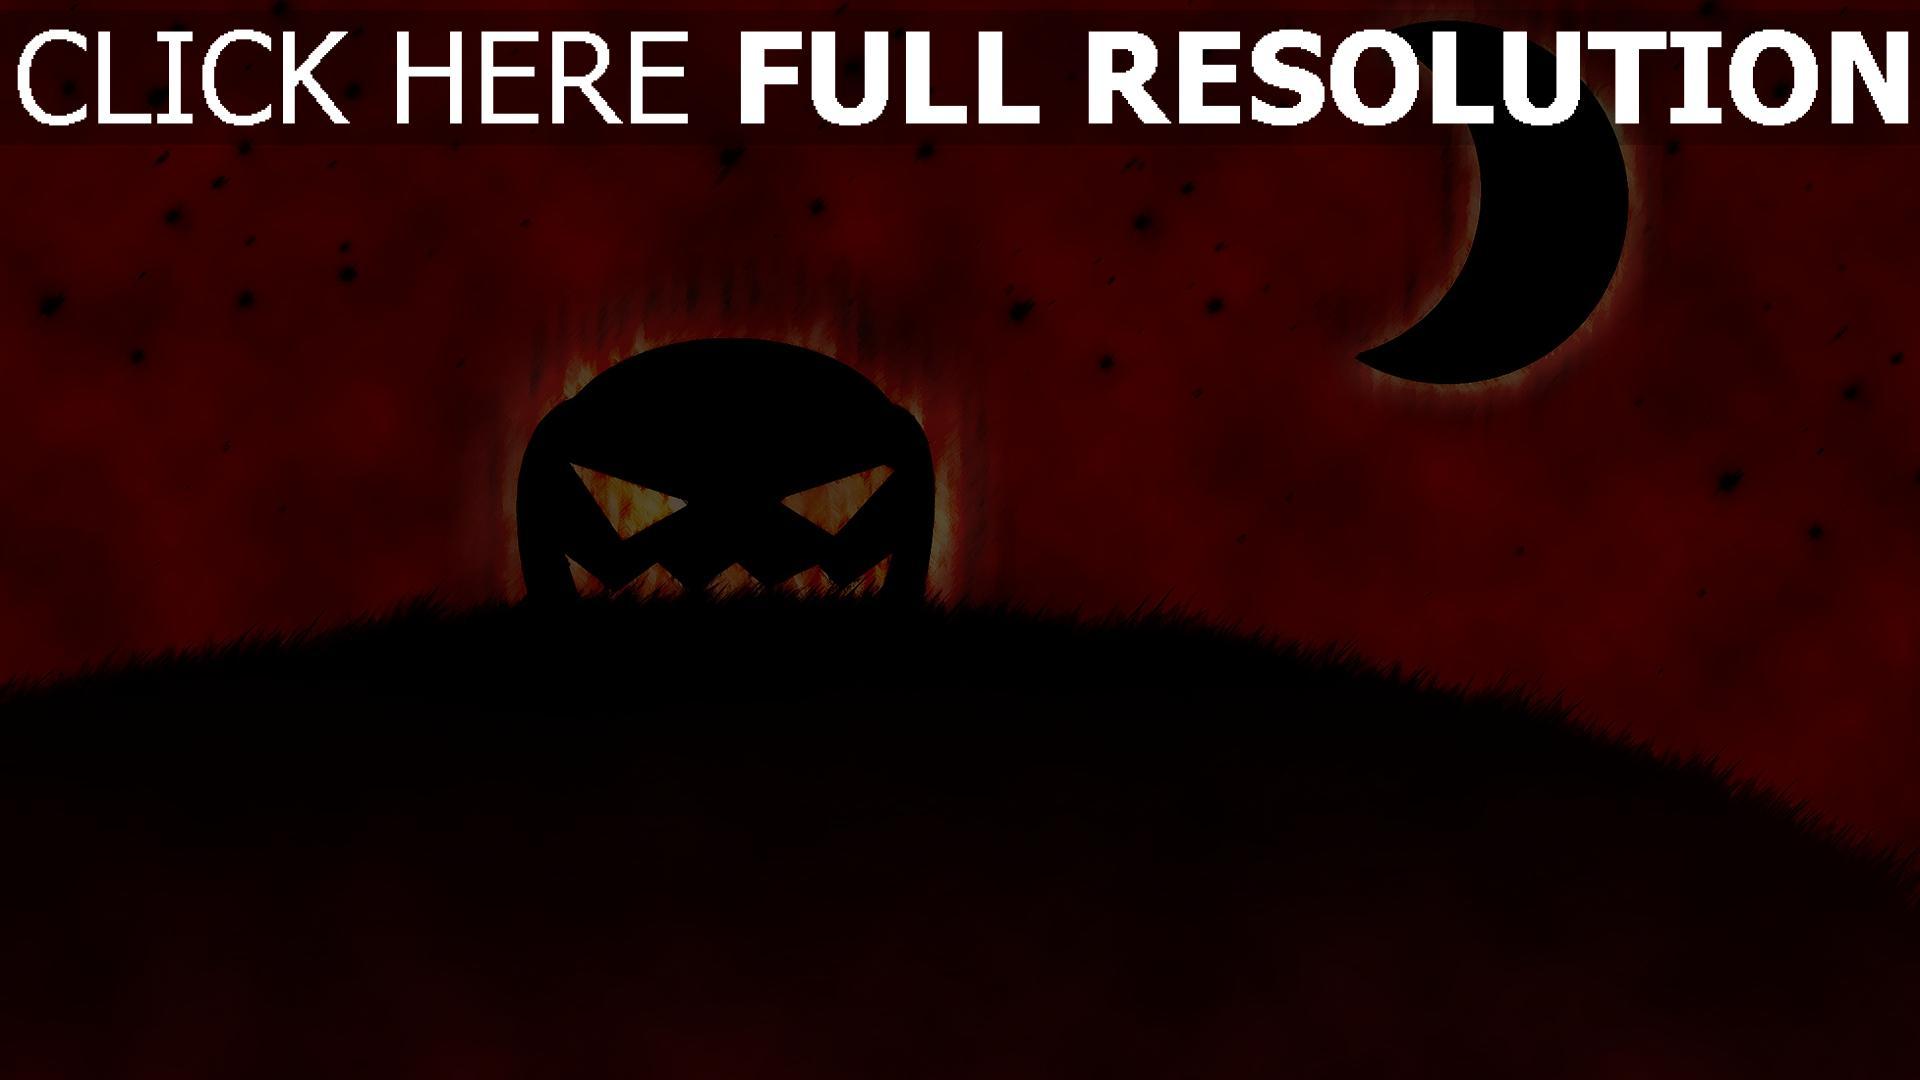 fond d'écran 1920x1080 citrouille-lanterne halloween rouge ciel